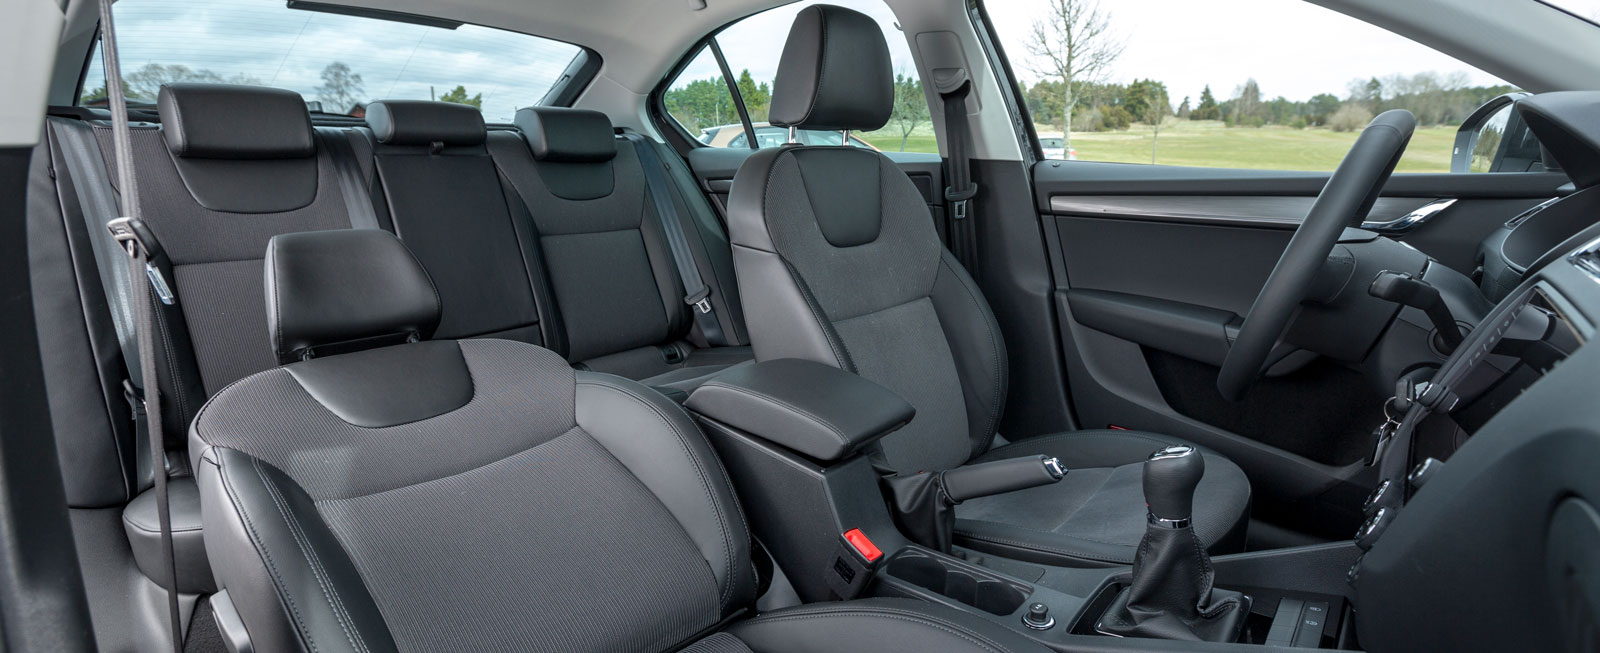 Skoda har klassens som helhet klart största kupé, särskilt ben- och fotutrymmet i Octavias baksäte förtjänar högsta betyg. Axelavståndet är tre centimeter större än för VW Golf. Takhöjden bak kan vara i minsta laget för riktigt långväxta.